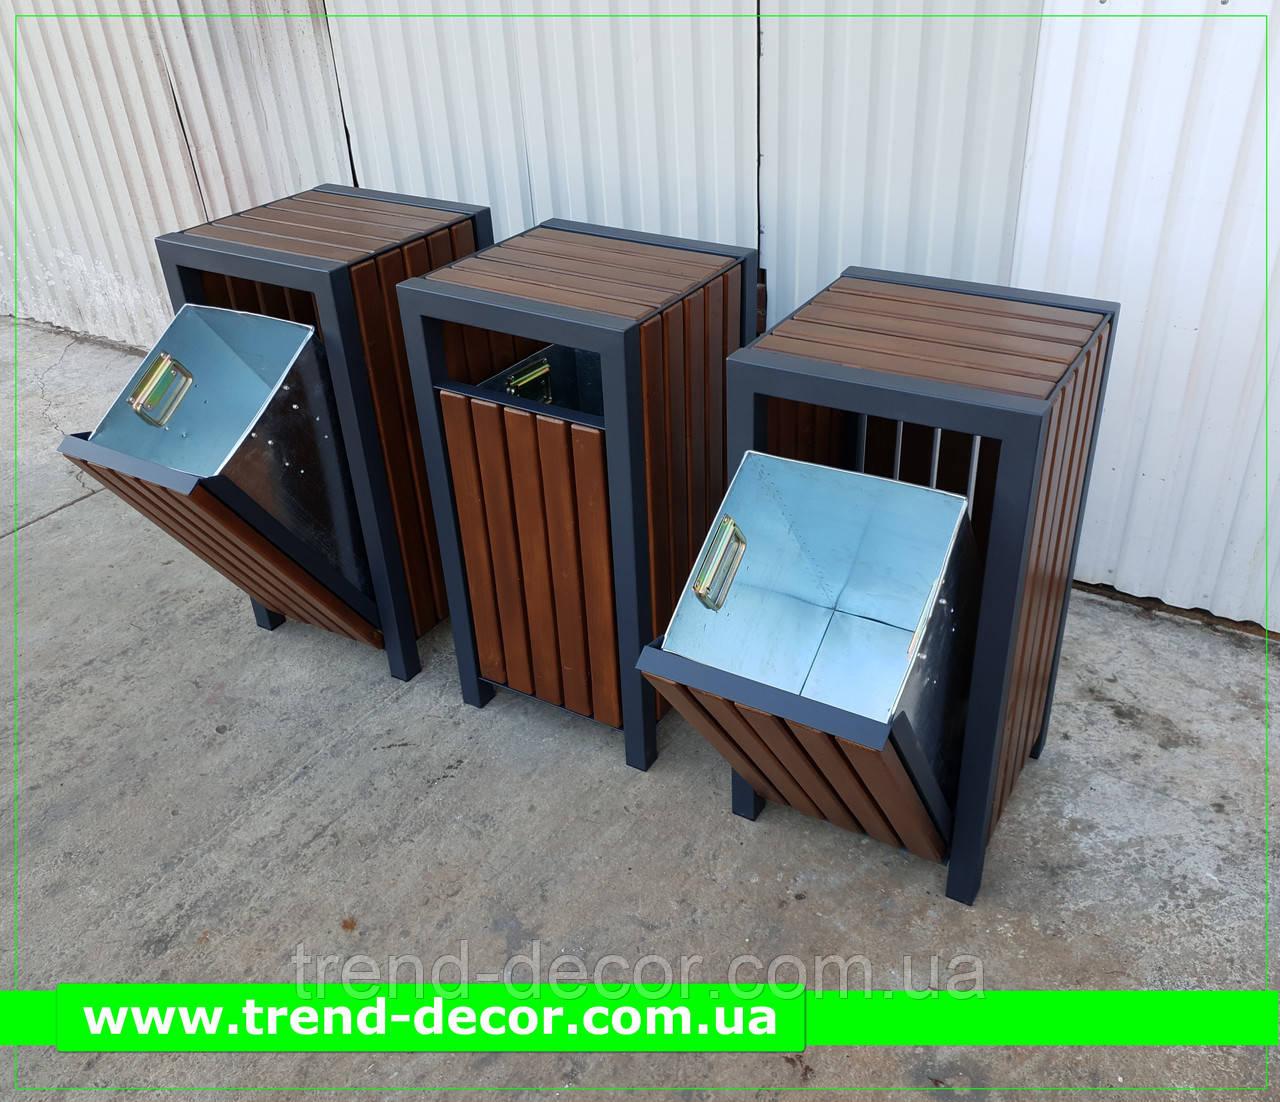 Вулична урна TrendDecor металева 0121